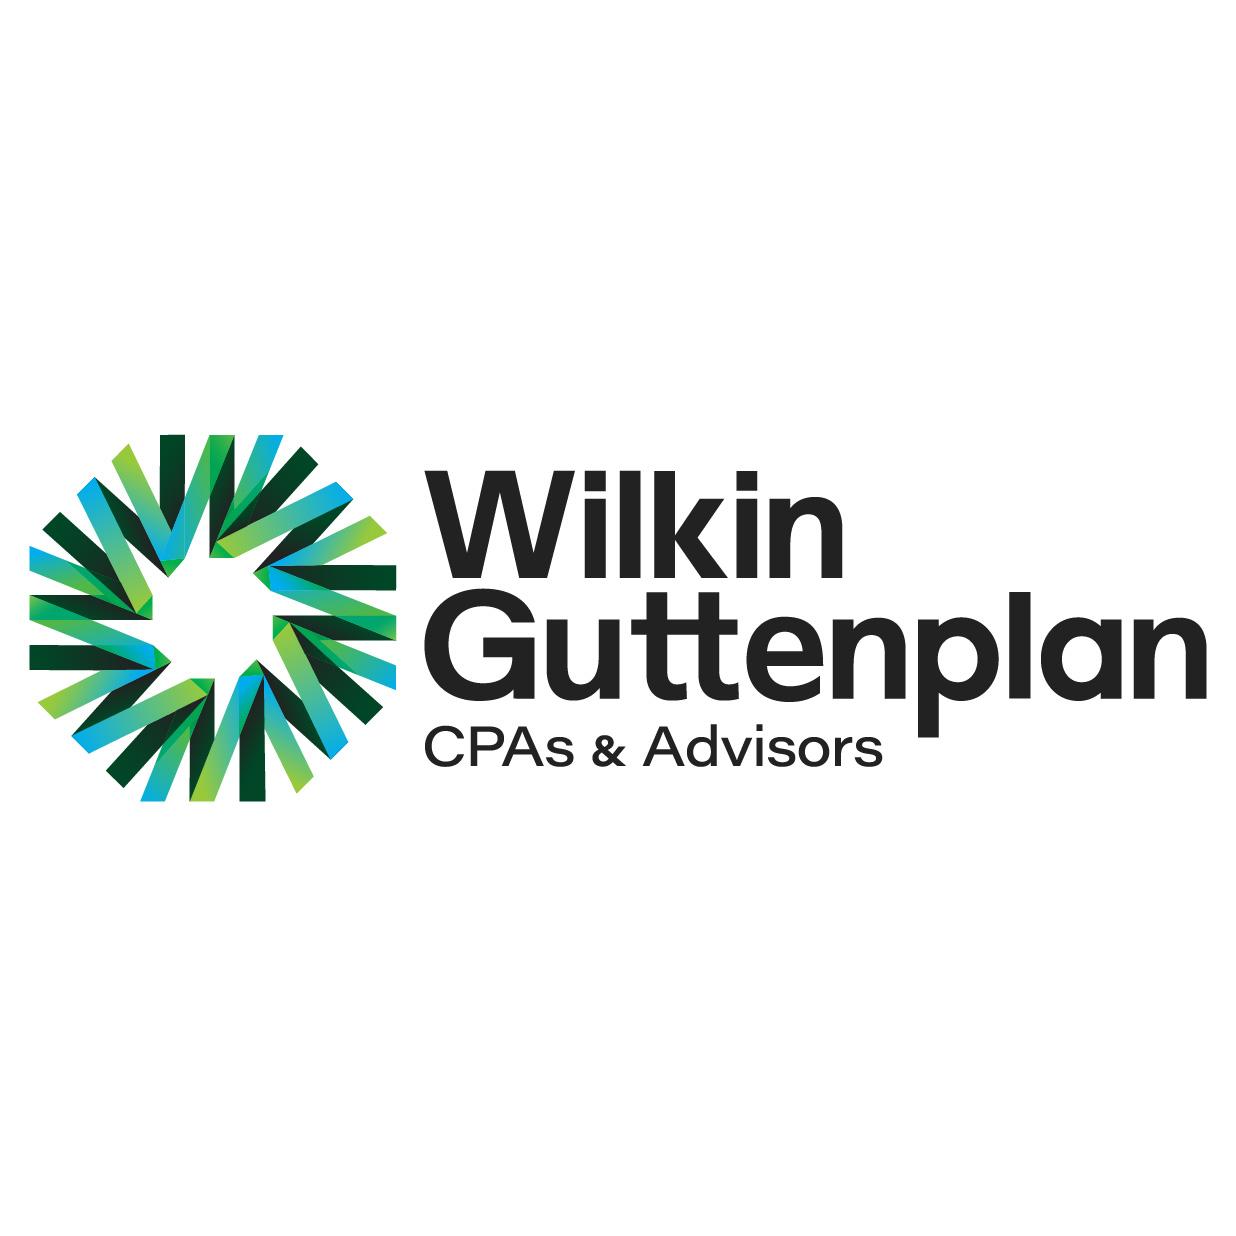 Wilkin Guttenplan Online Directory-01